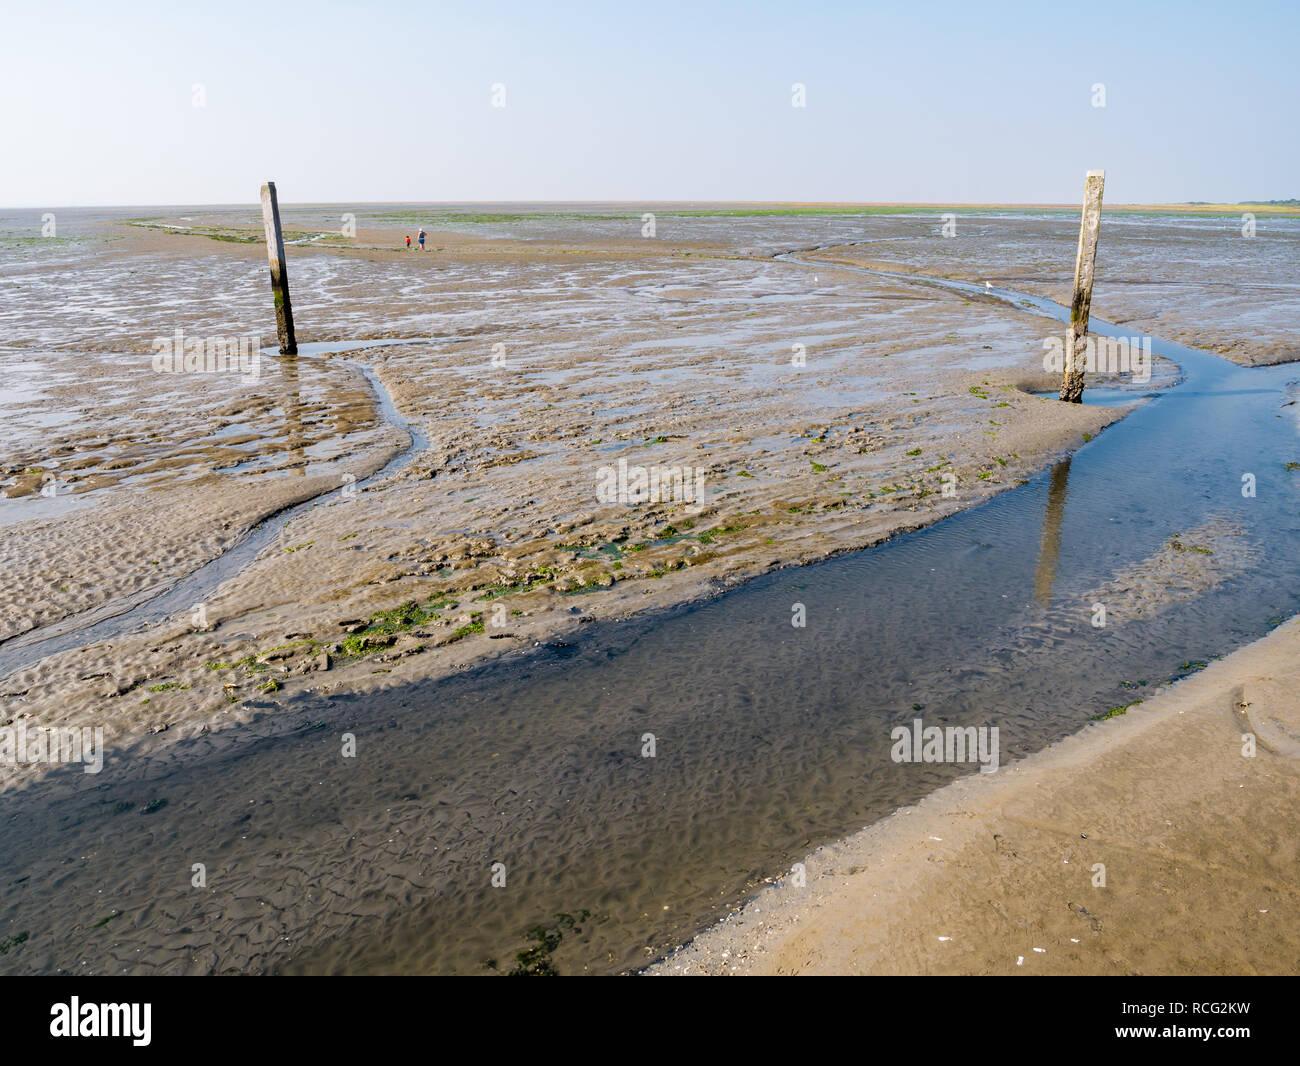 La gente caminando en pisos de lodo y tideway marcados con postes de madera en la marea baja del Mar de Wadden cerca de Schiermonnikoog, Holanda Foto de stock